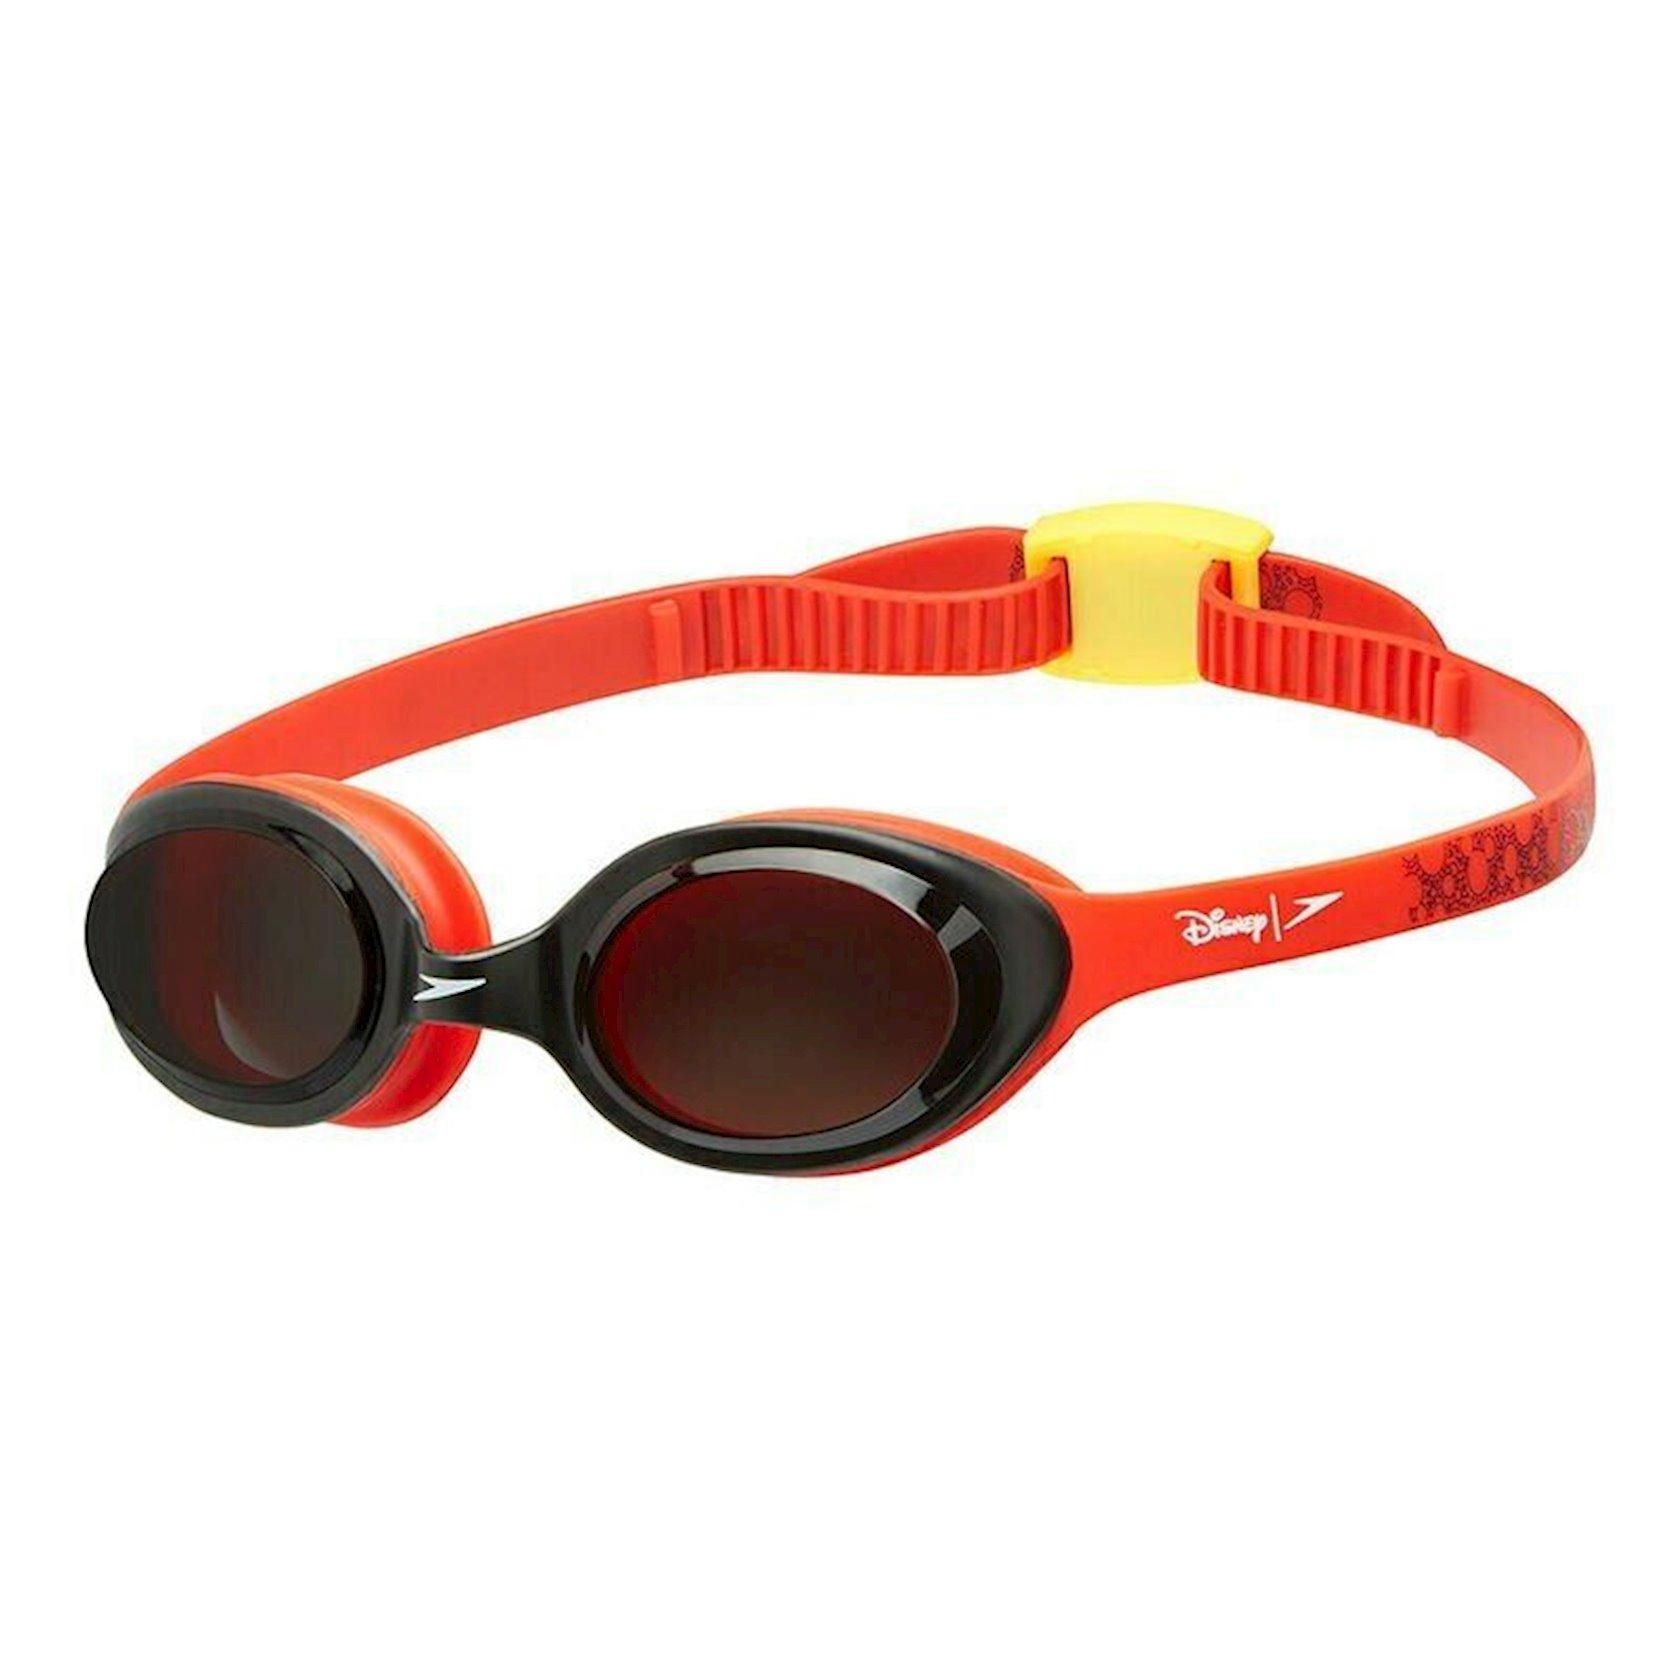 Üzgüçülük üçün eynək Speedo Junior Illusion Swimming Goggles Mickey Mouse from Ezi Sports, uşaqlar üçün, qırmızı